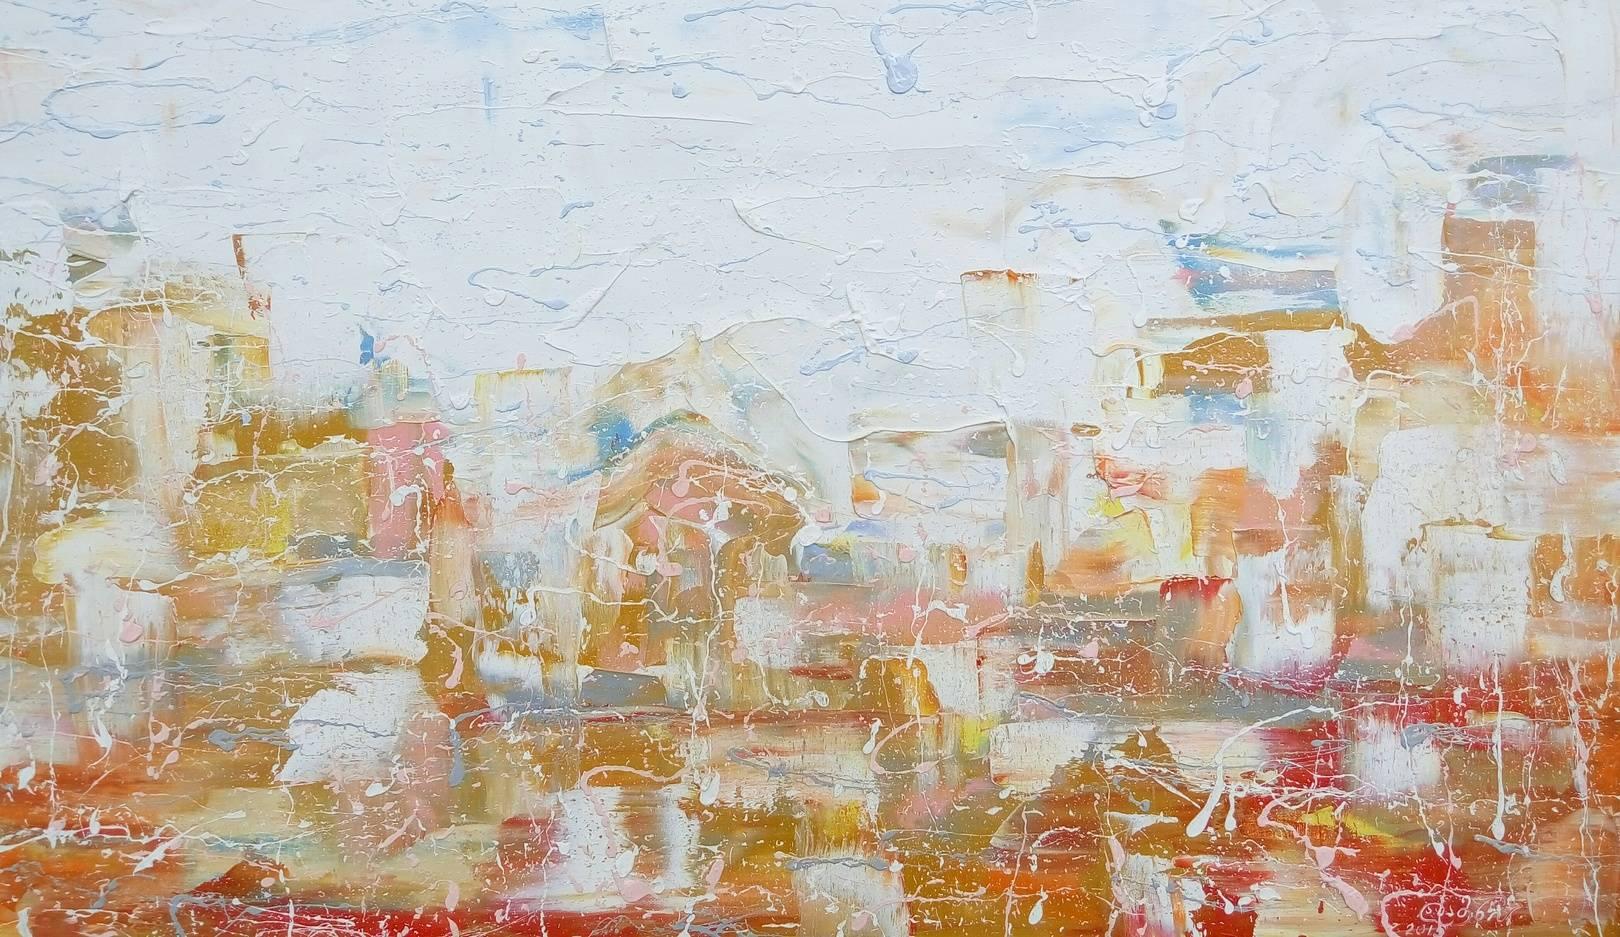 «Золотой город»           холст, масло «Golden City»                oil on canvas                                                  55x95,  2015